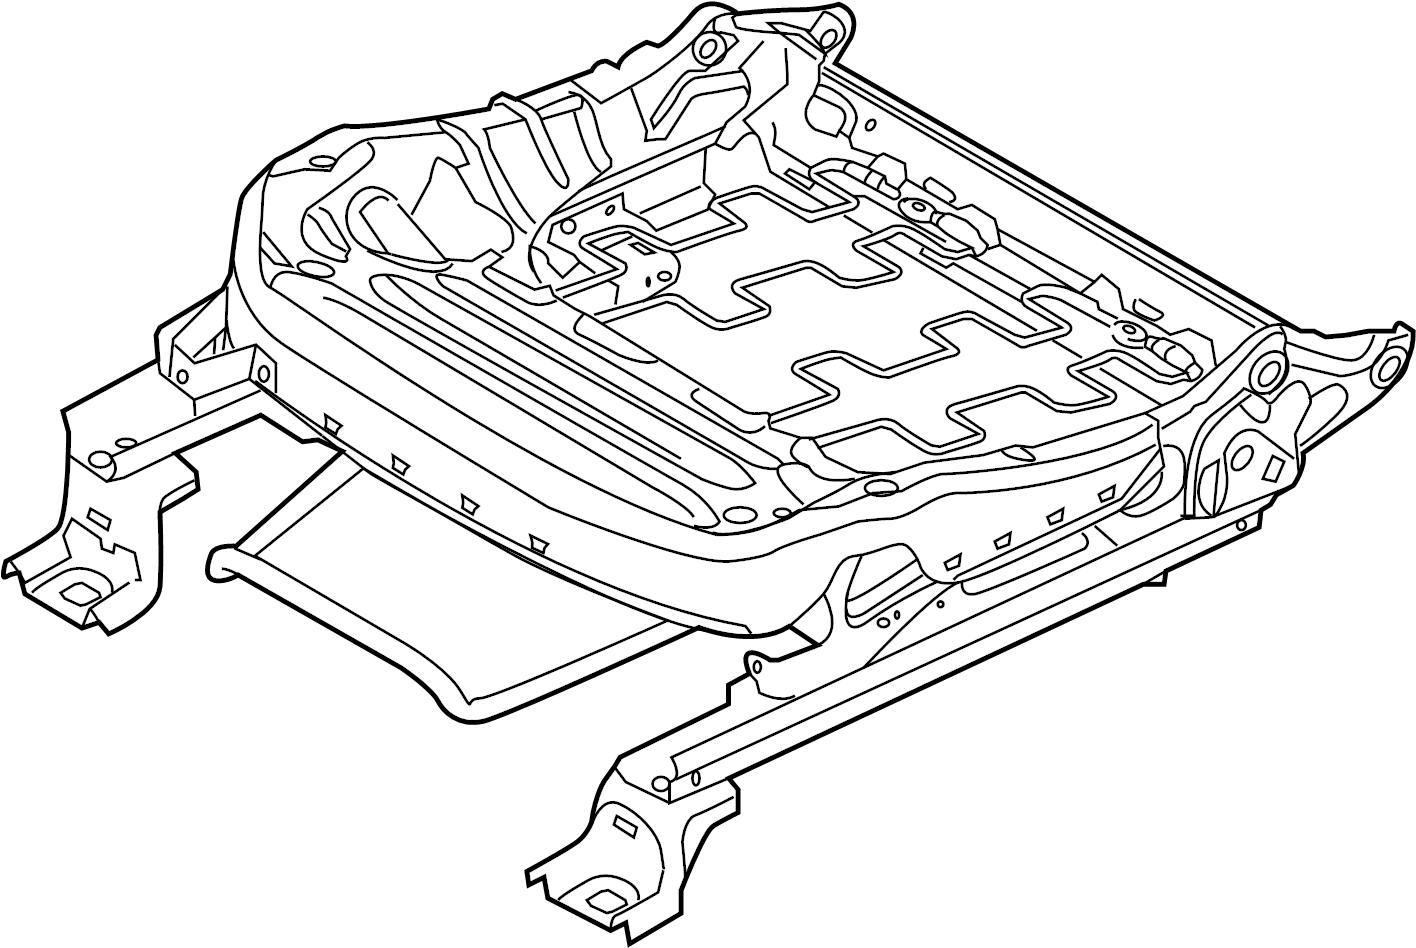 Ford Taurus Seat Track. MANUAL PASSENGER SEAT, 2013-19